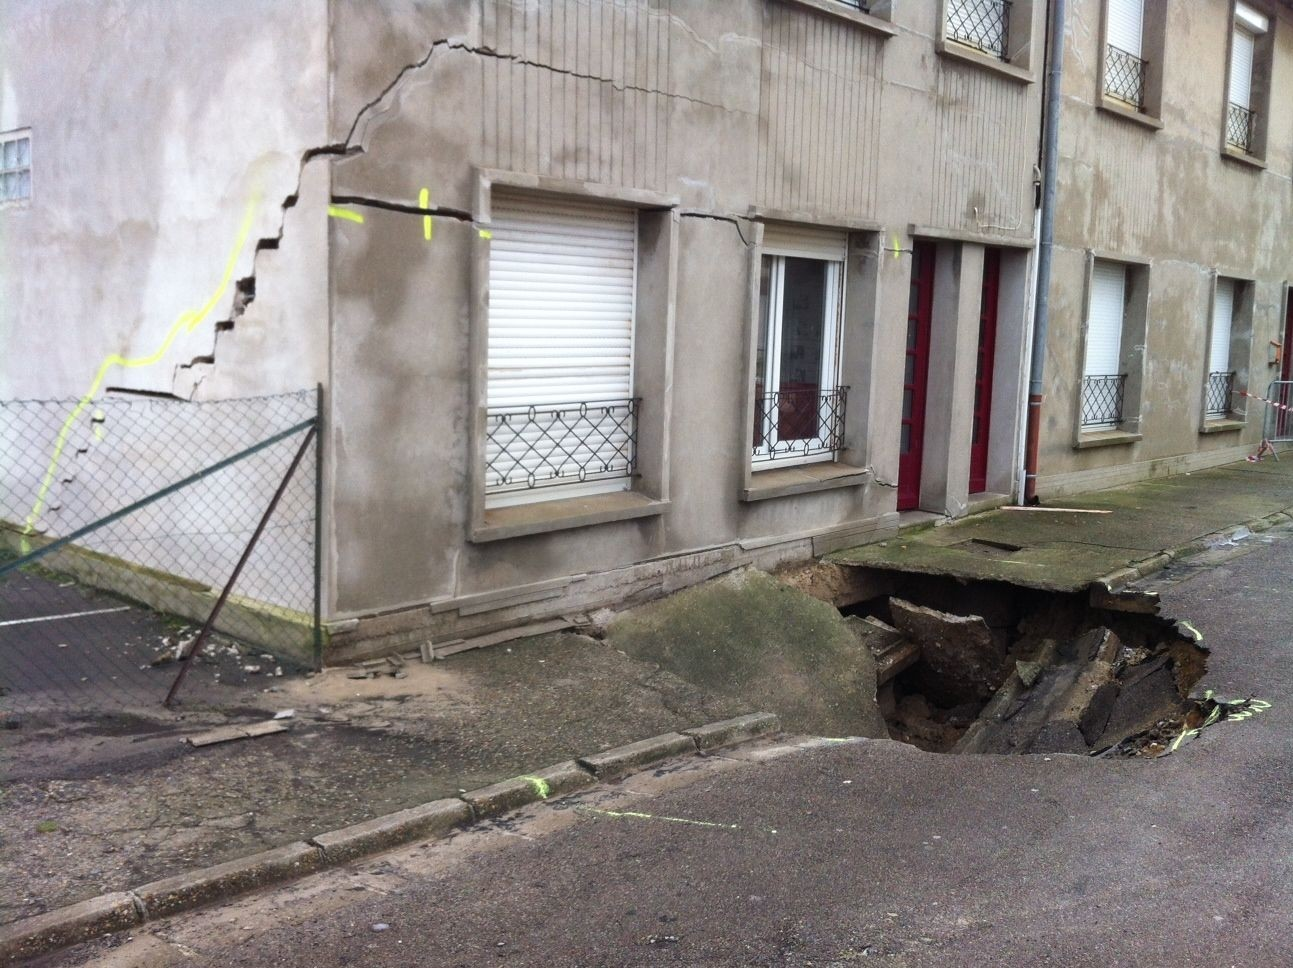 Inondation : Effondrement de la chaussée entrainant la structure porteuse